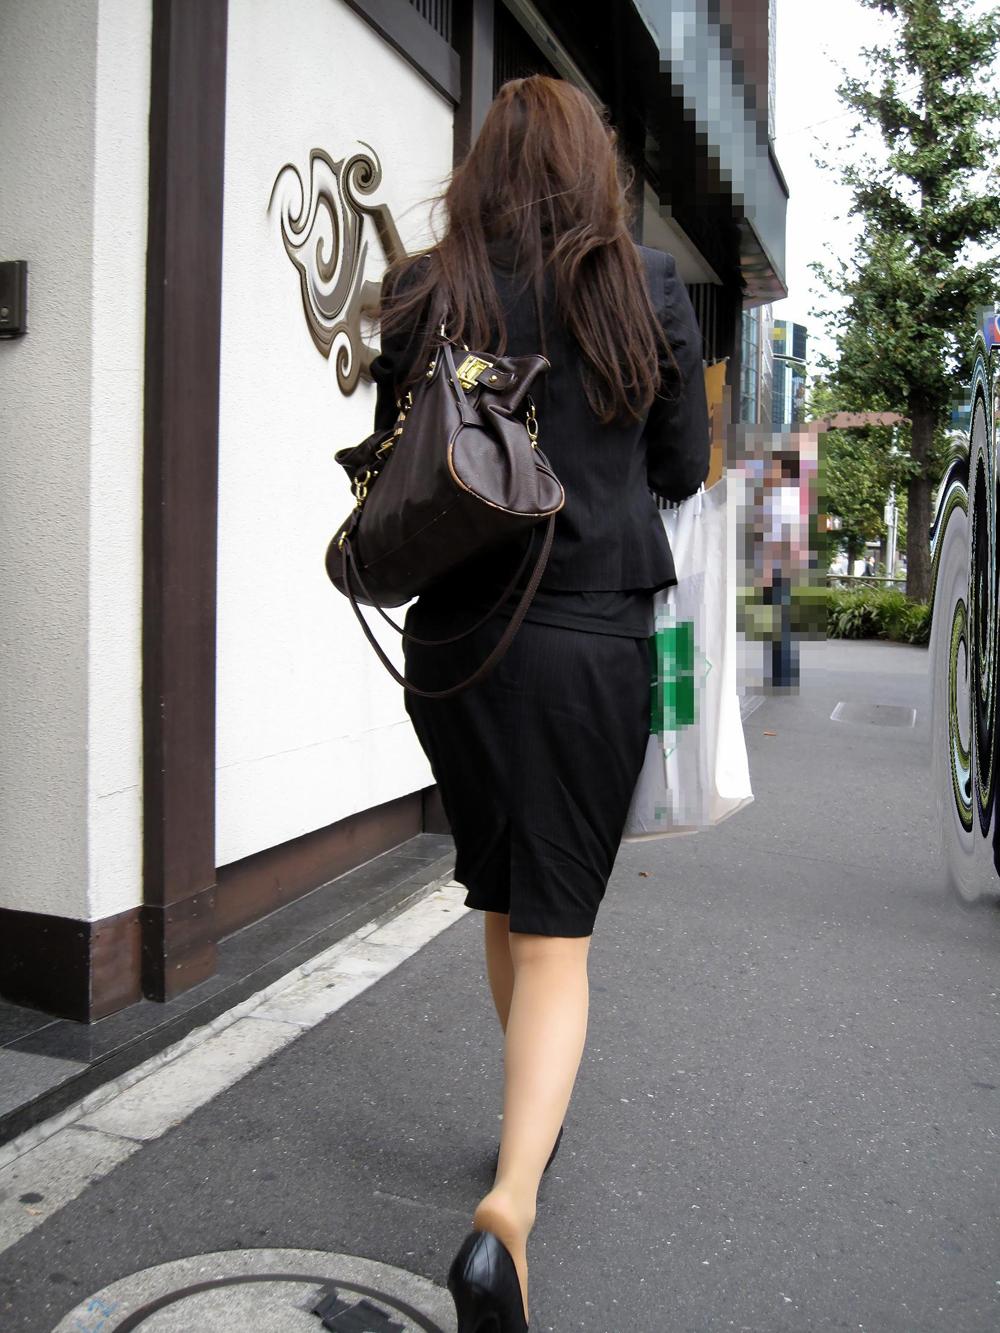 【街撮りOLエロ画像】着衣尻と美脚を只管追っかけ!肉付きたまらん働く女性の下半身www 10